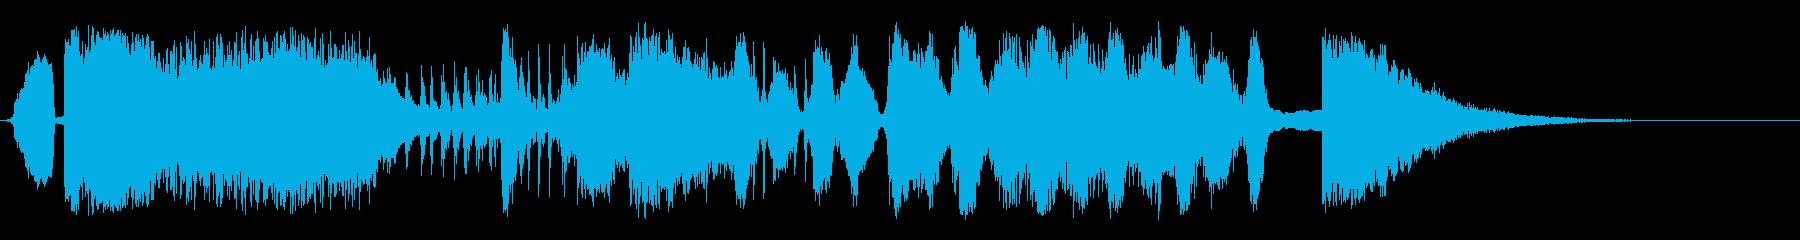 トゥーンクレイジーの再生済みの波形